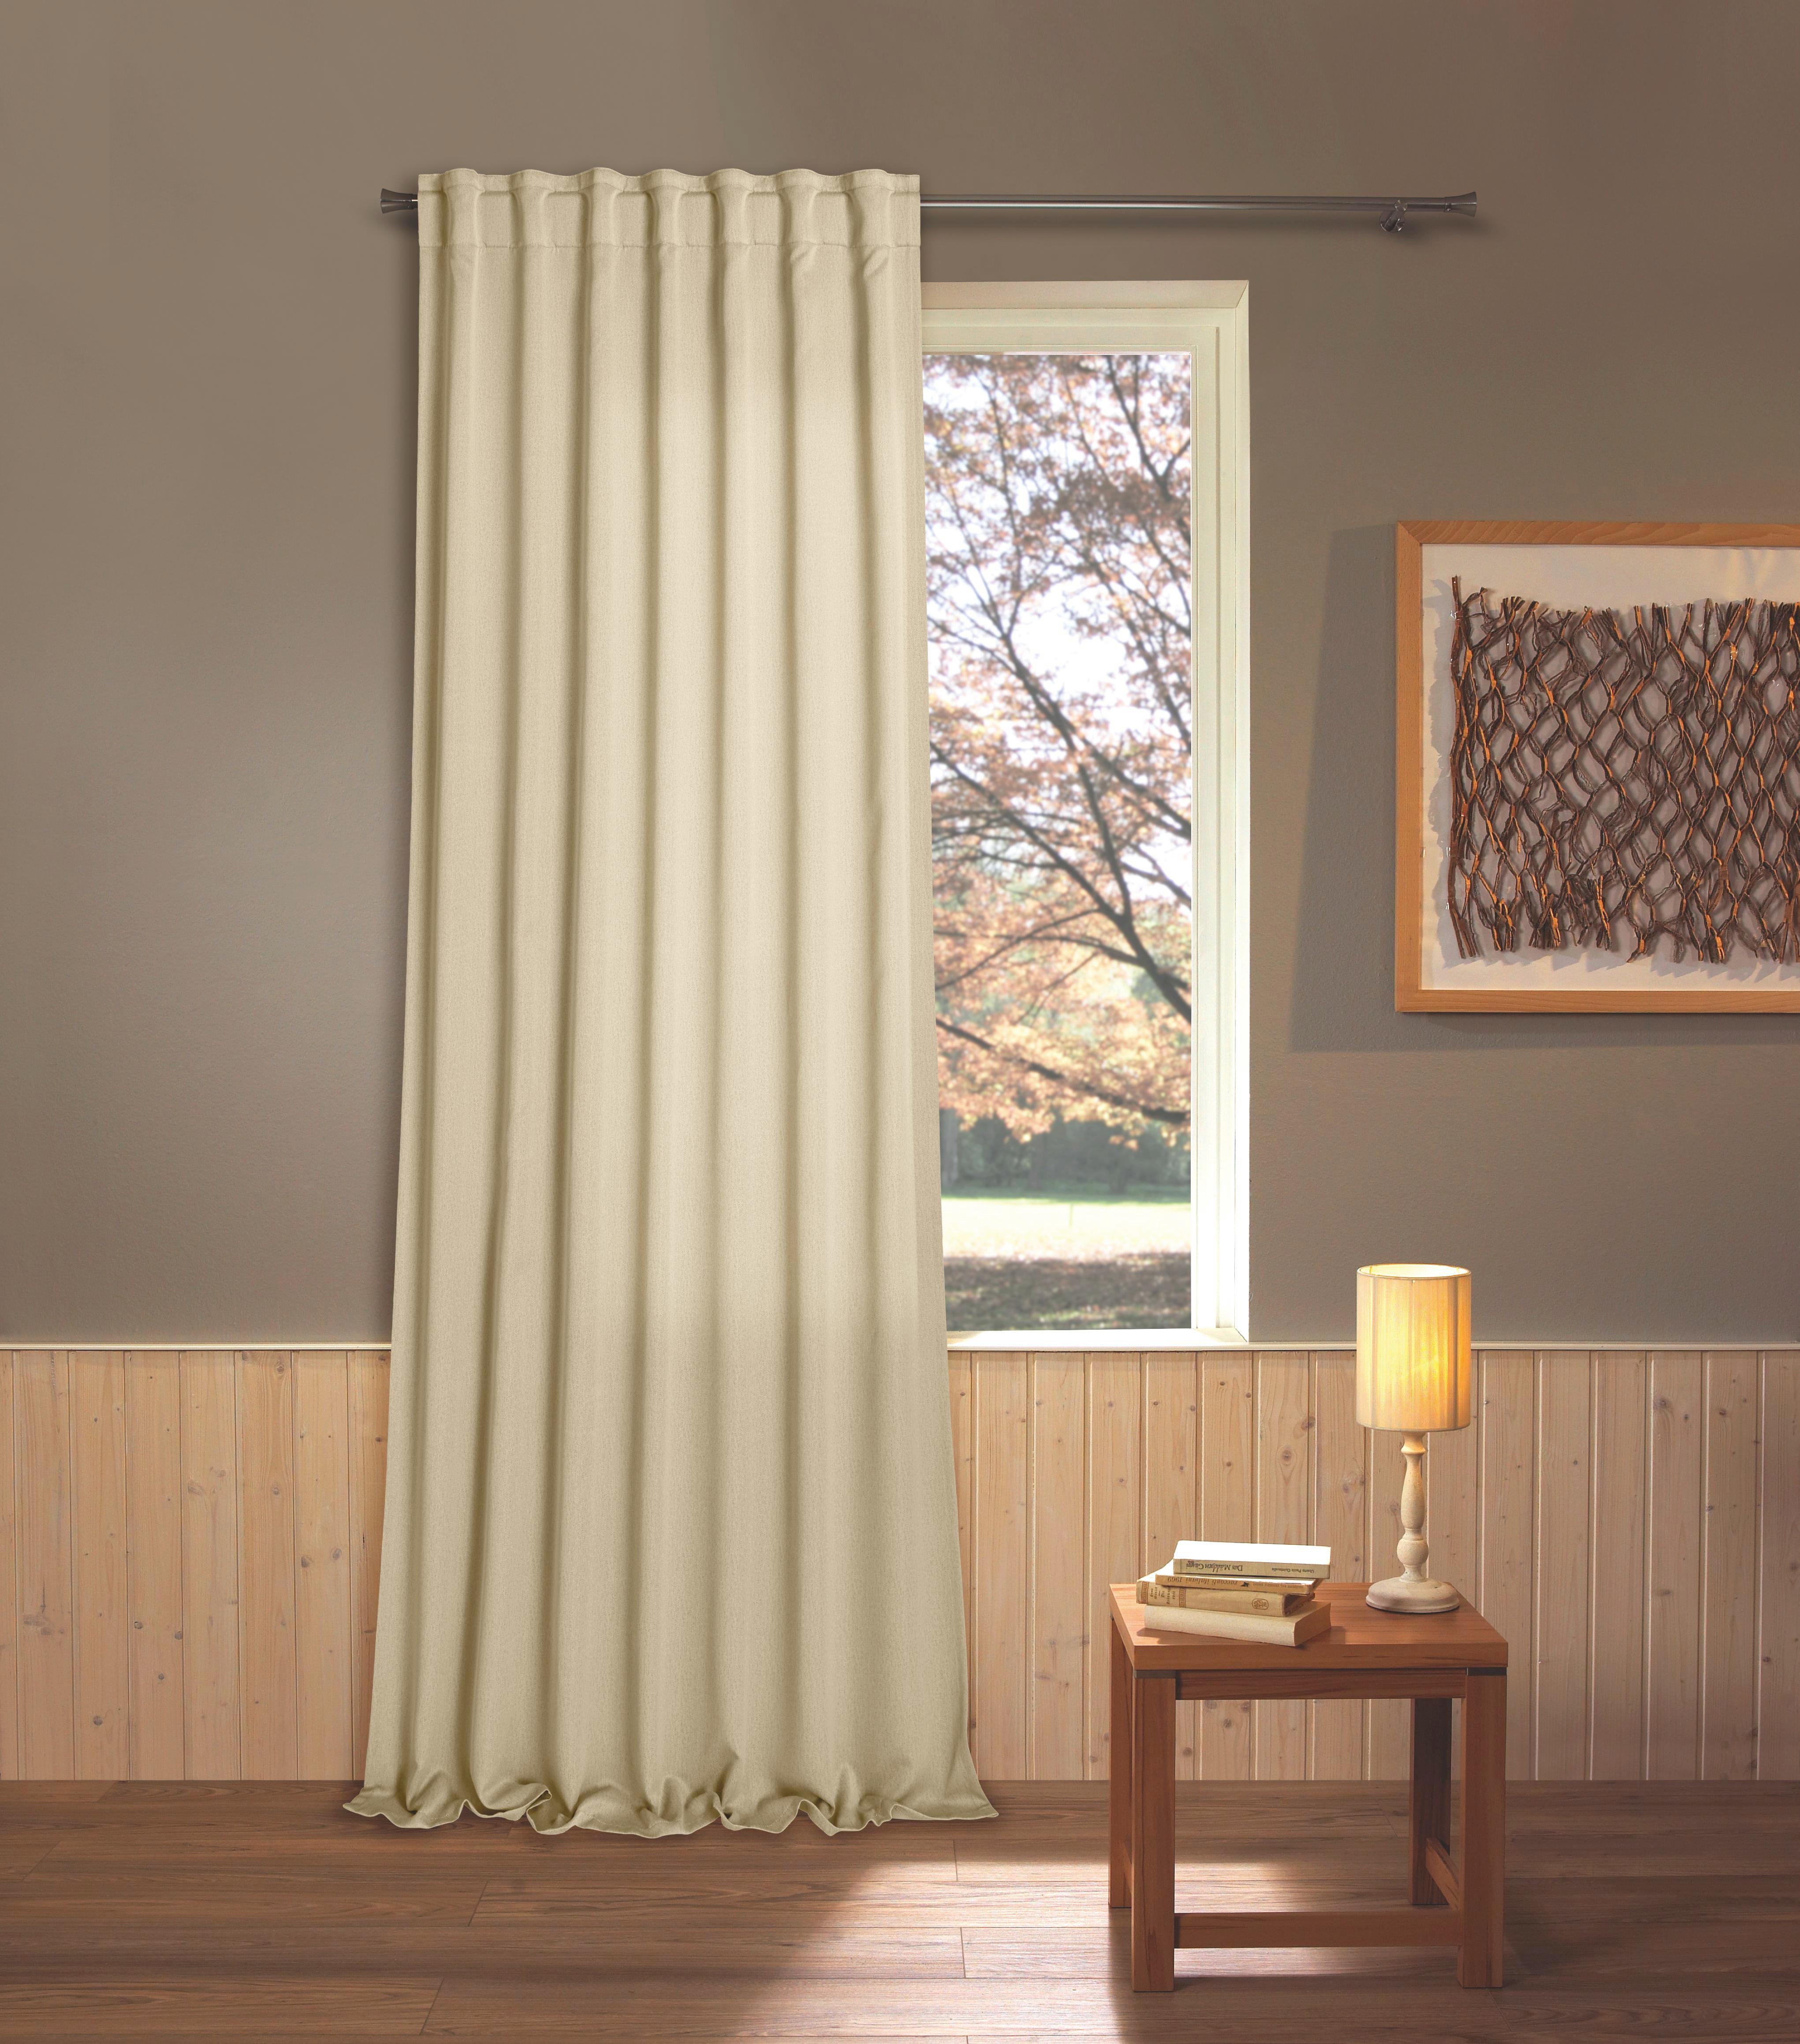 Készfüggöny Marlies - krém, konvencionális, textil (135/245cm) - JAMES WOOD